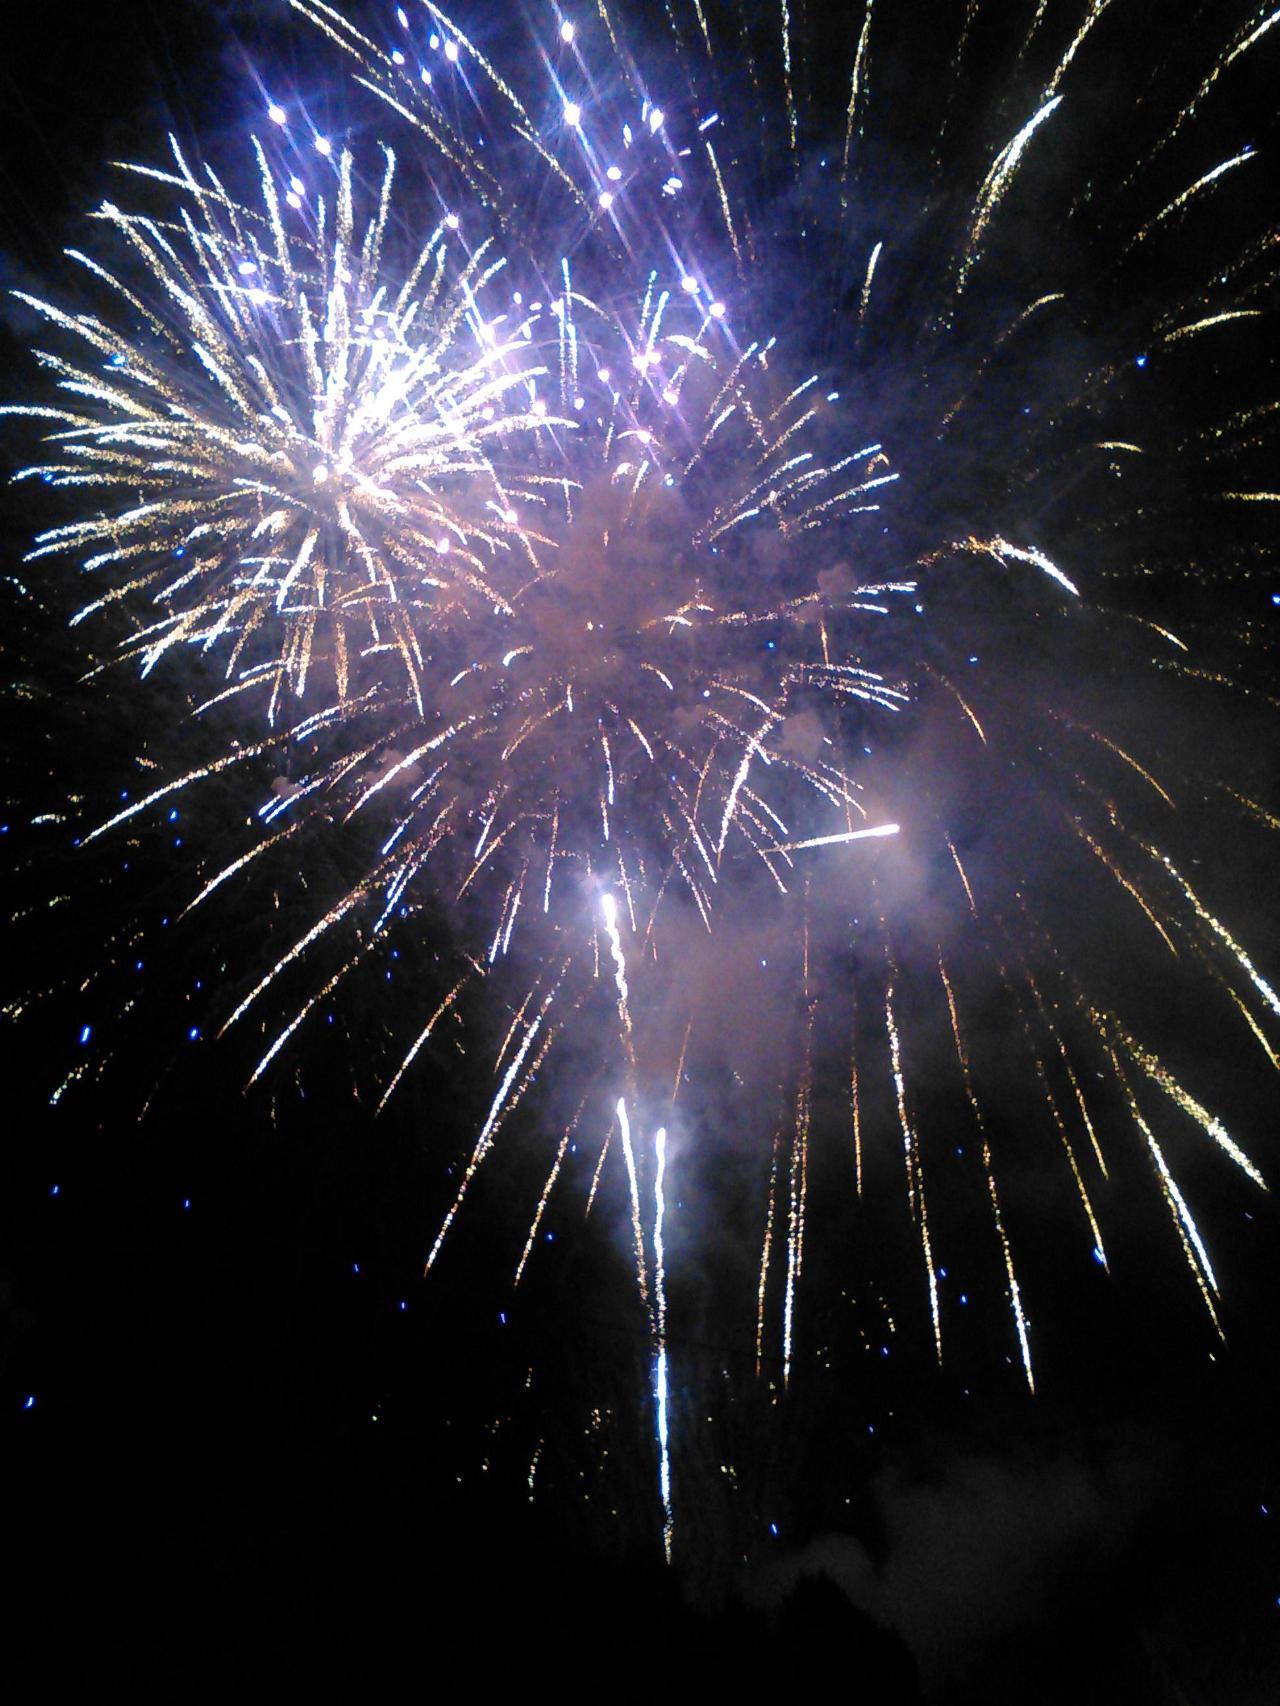 Plein d'étoiles dans le ciel pour la fête de saint Jacques, c'est beau !